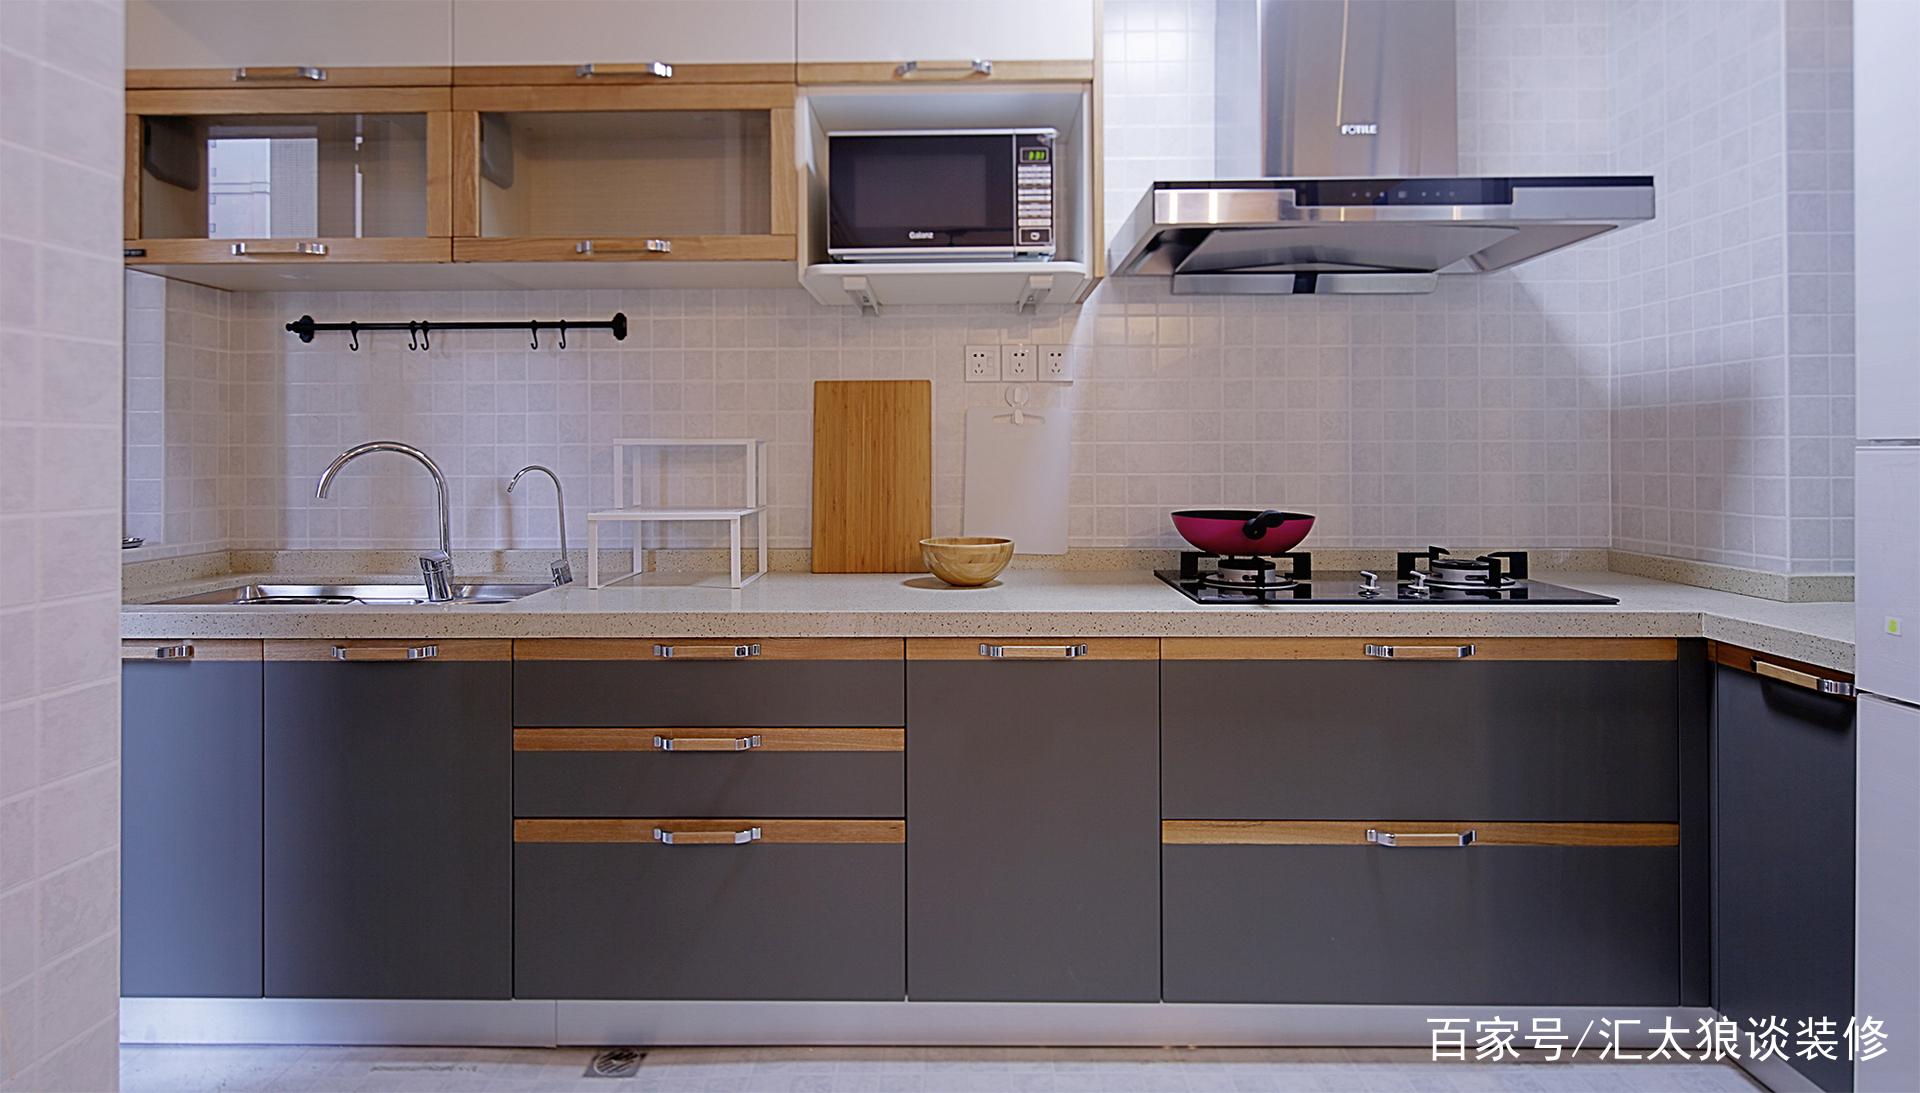 厨房内部,采用北欧风格中常见的白灰和原木三色混搭,明亮又整洁.